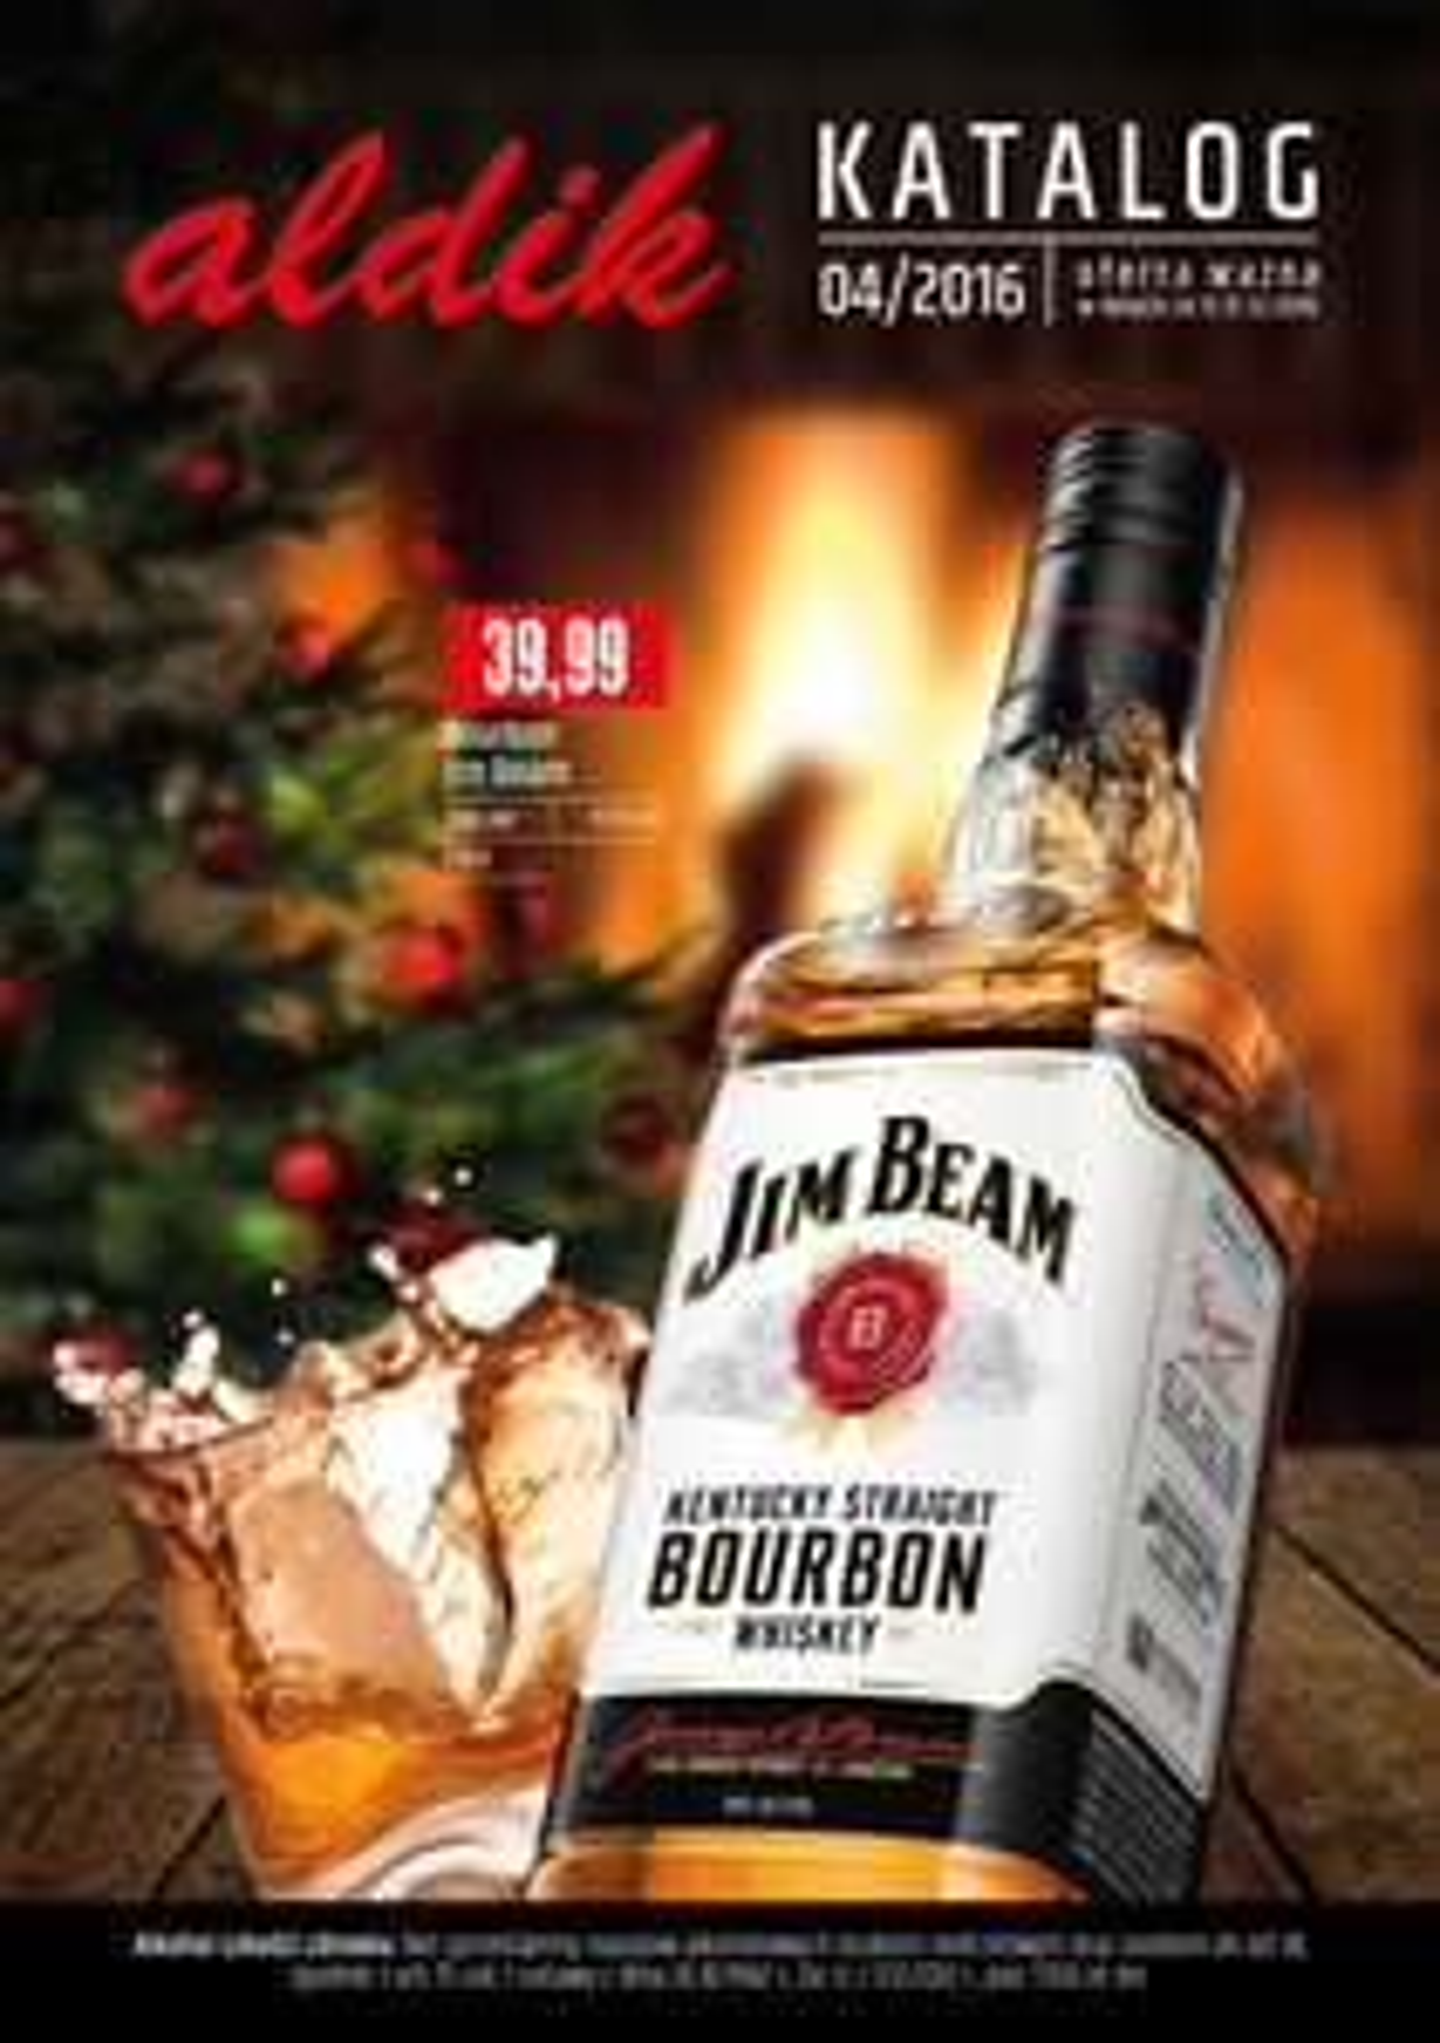 Jim Beam - 0,7 - 39,99 zł